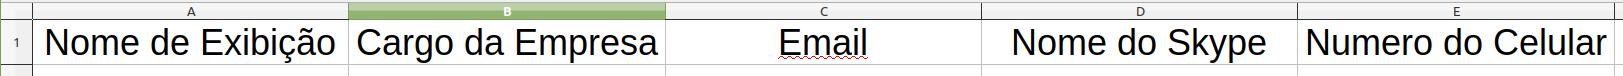 Exemplo Arquivo XLSX